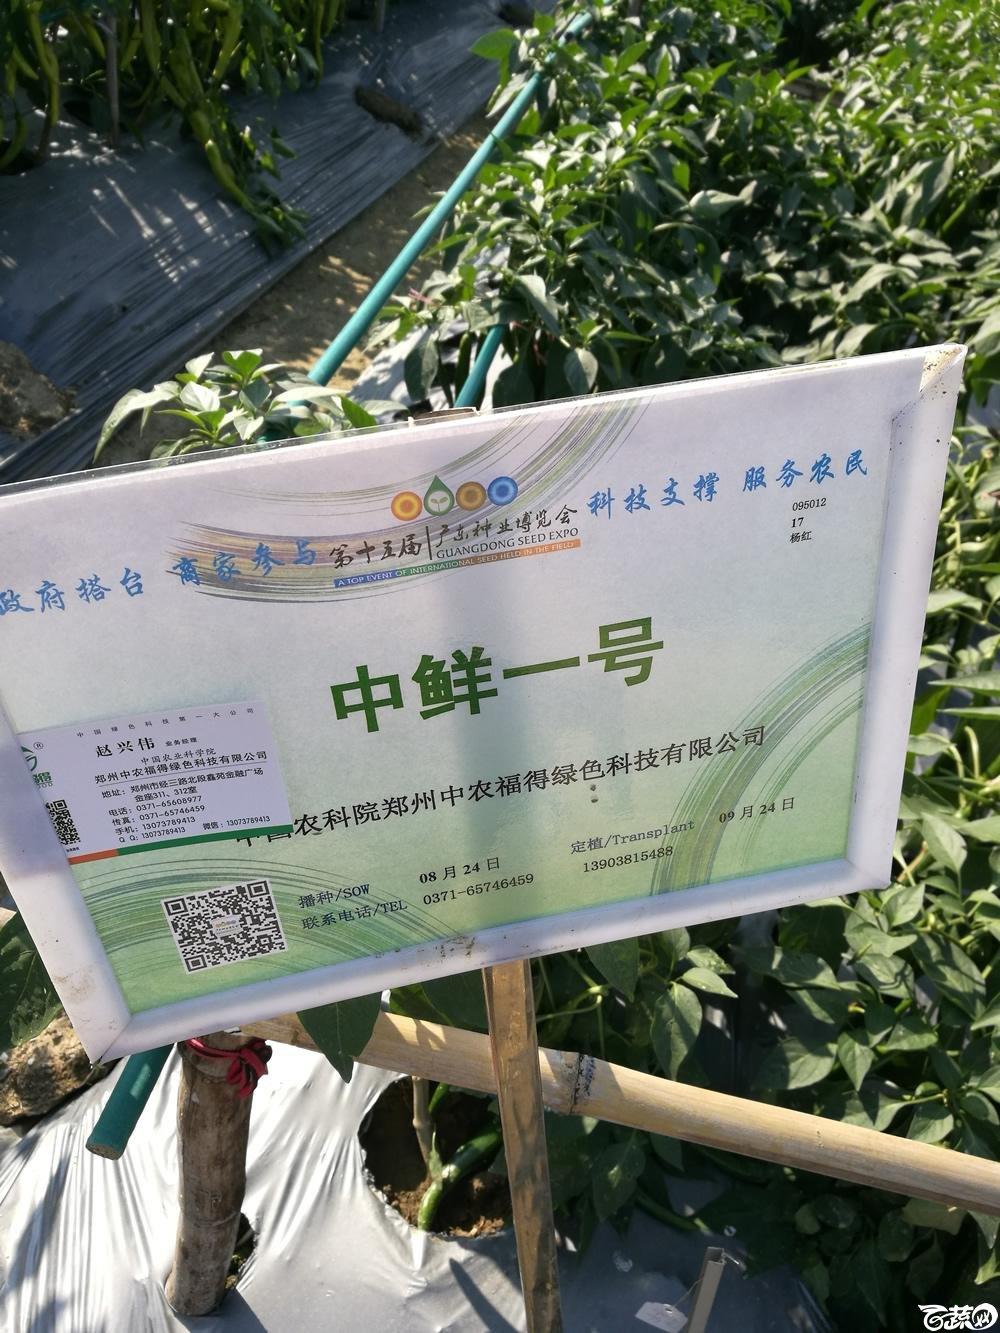 2016年15届广东种博会,郑州中农福得公司中鲜一号辣椒_001.jpg